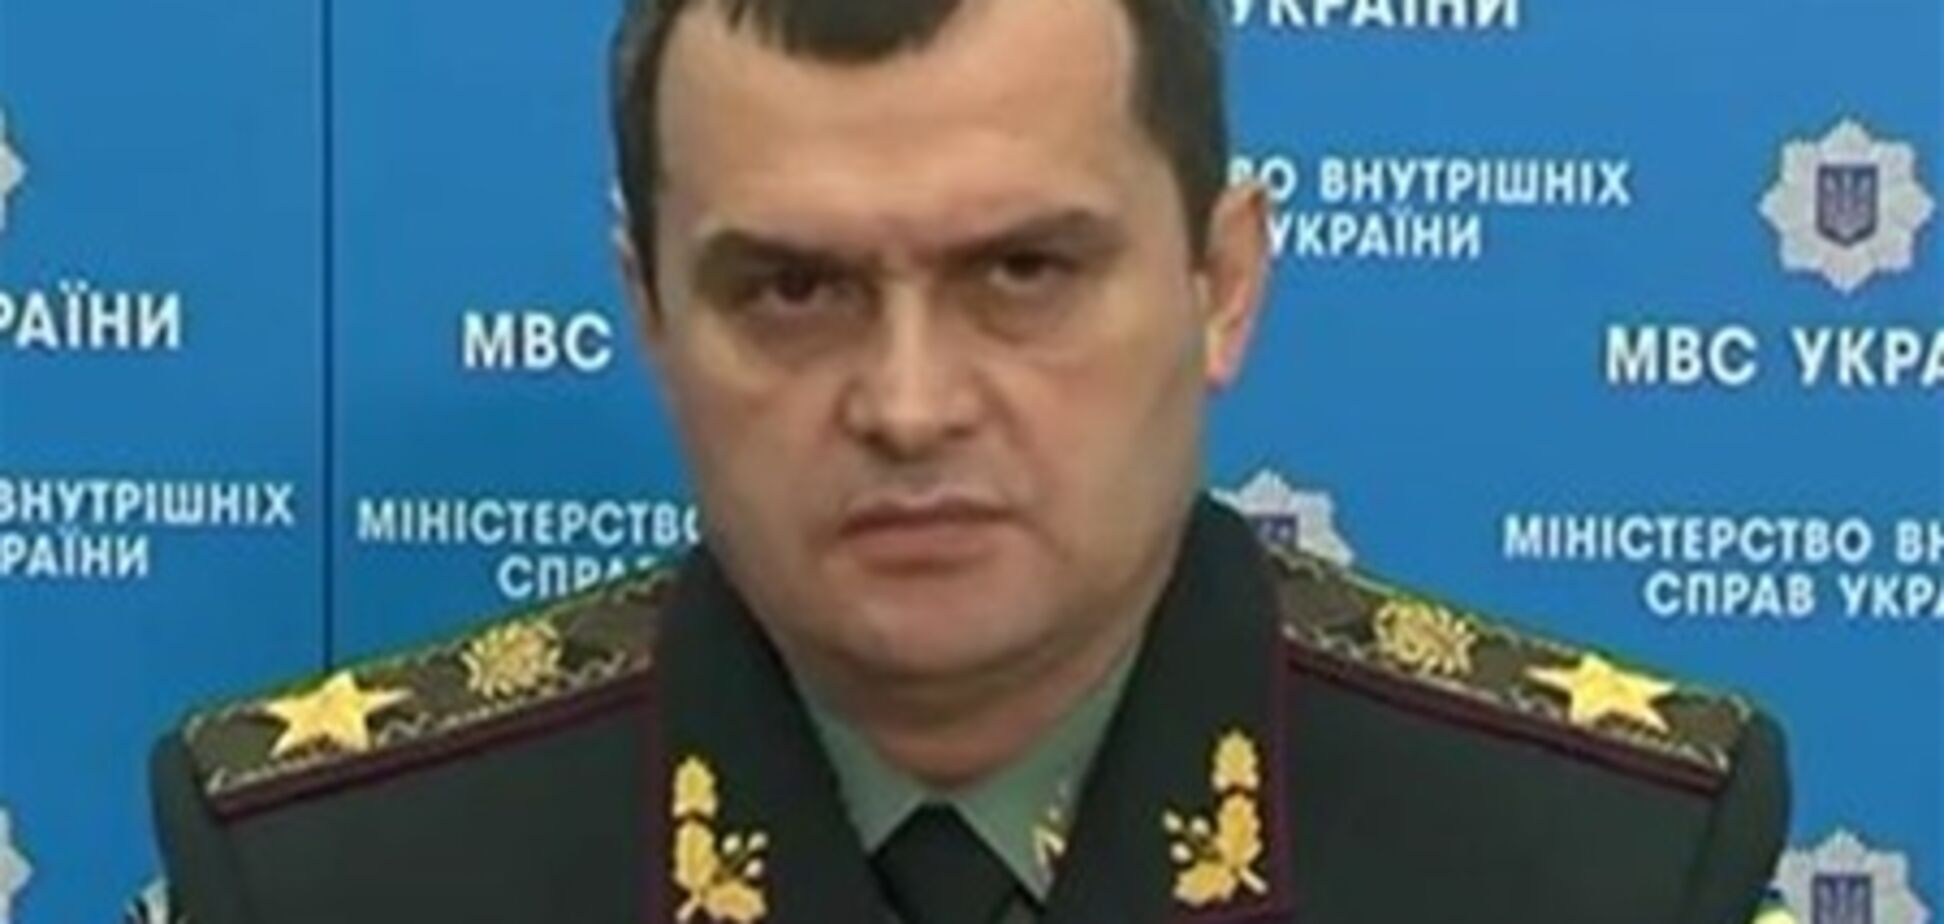 Захарченко лично контролирует николаевское дело